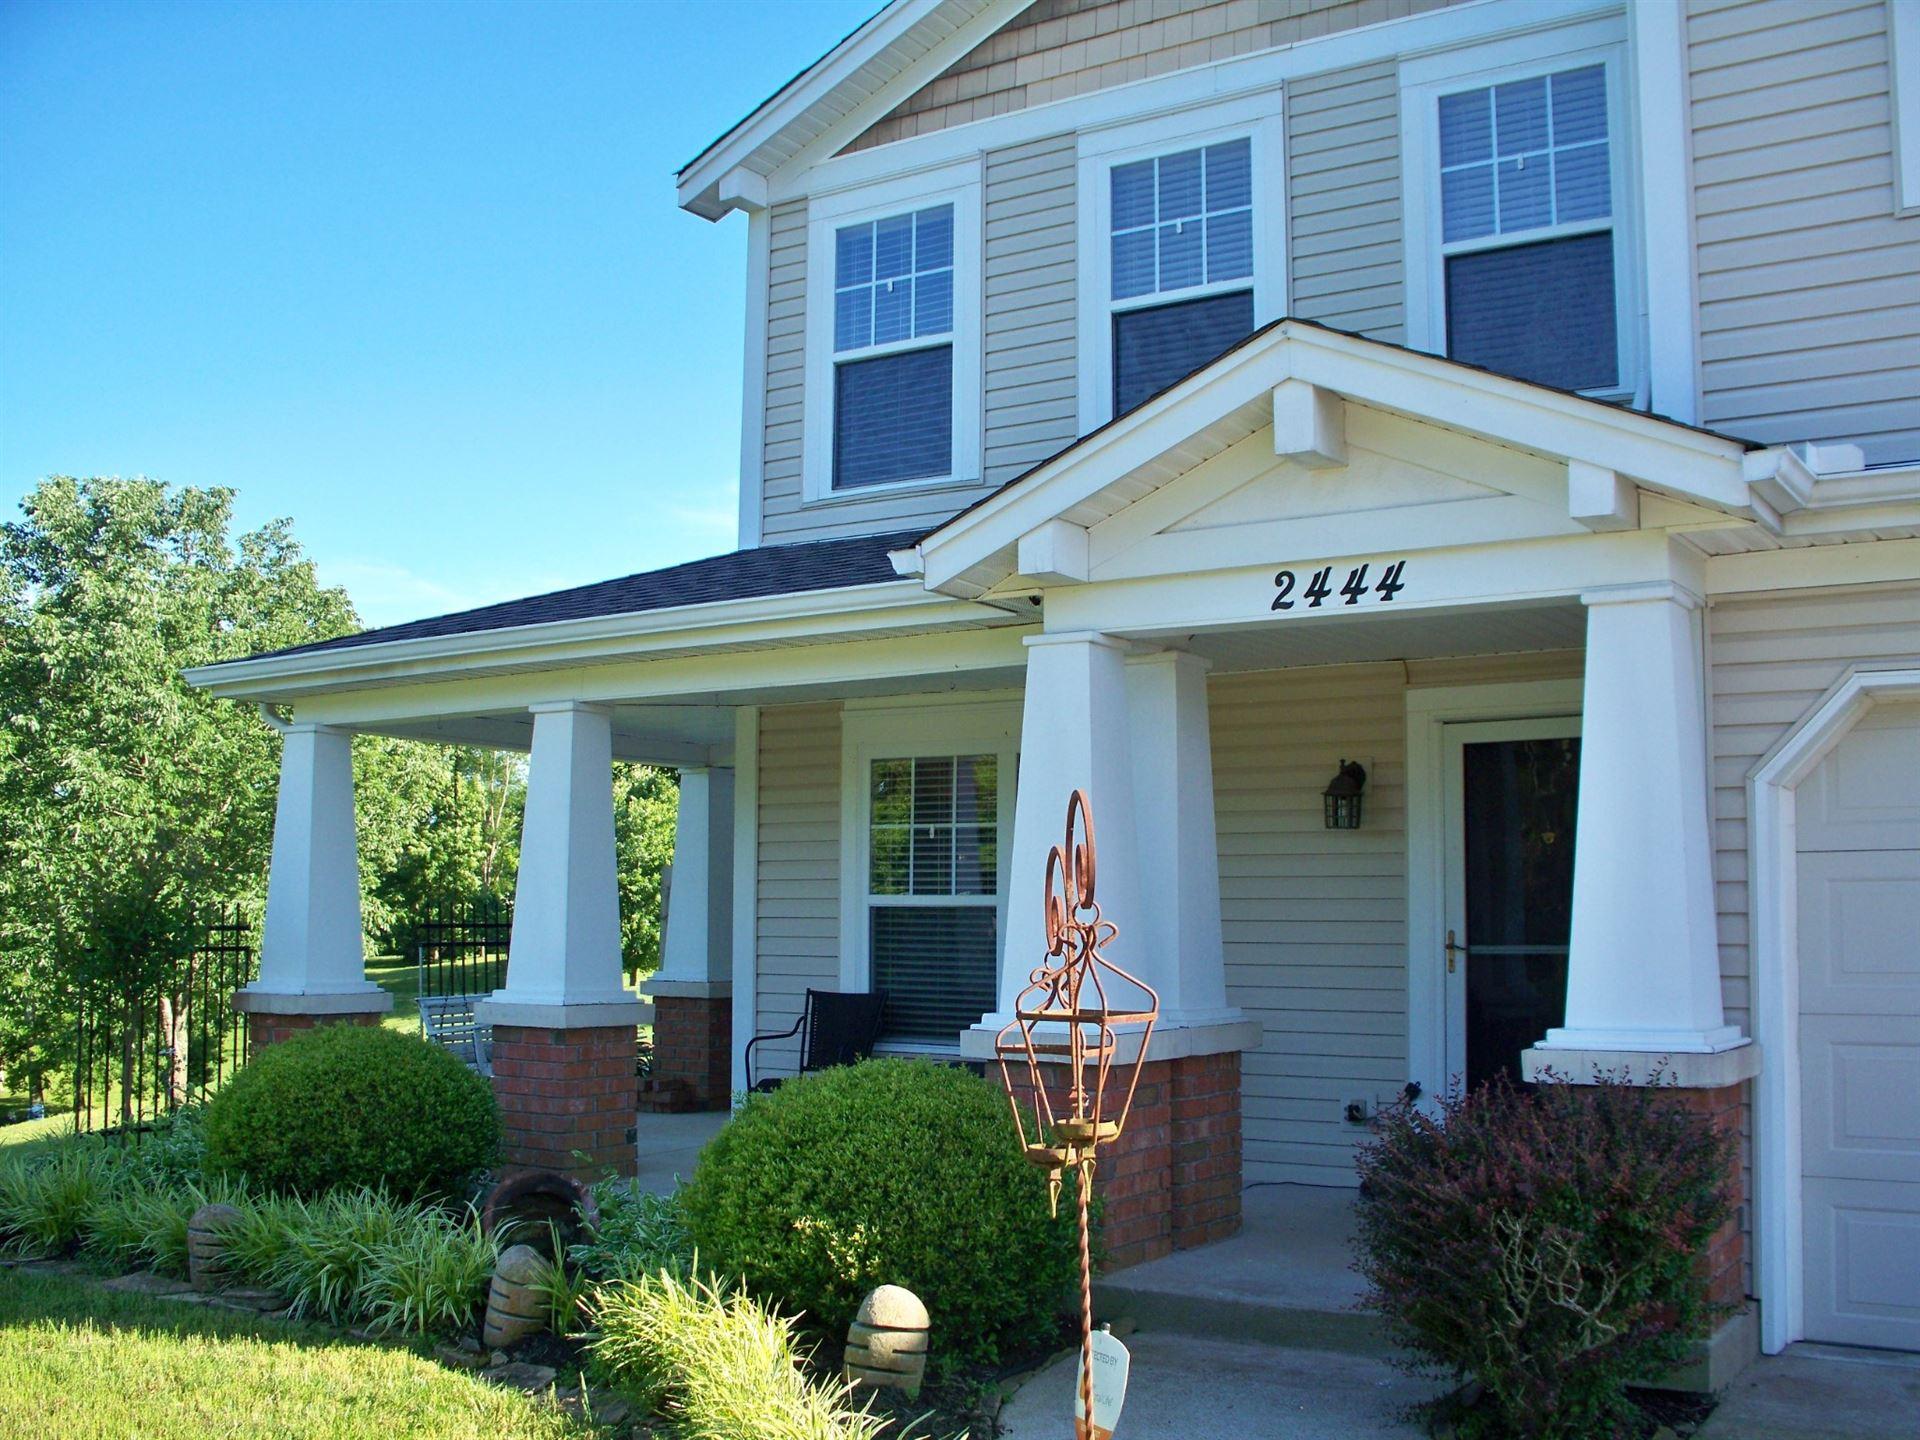 Photo of 2444 Pleasant Springs Ln, Hermitage, TN 37076 (MLS # 2155493)